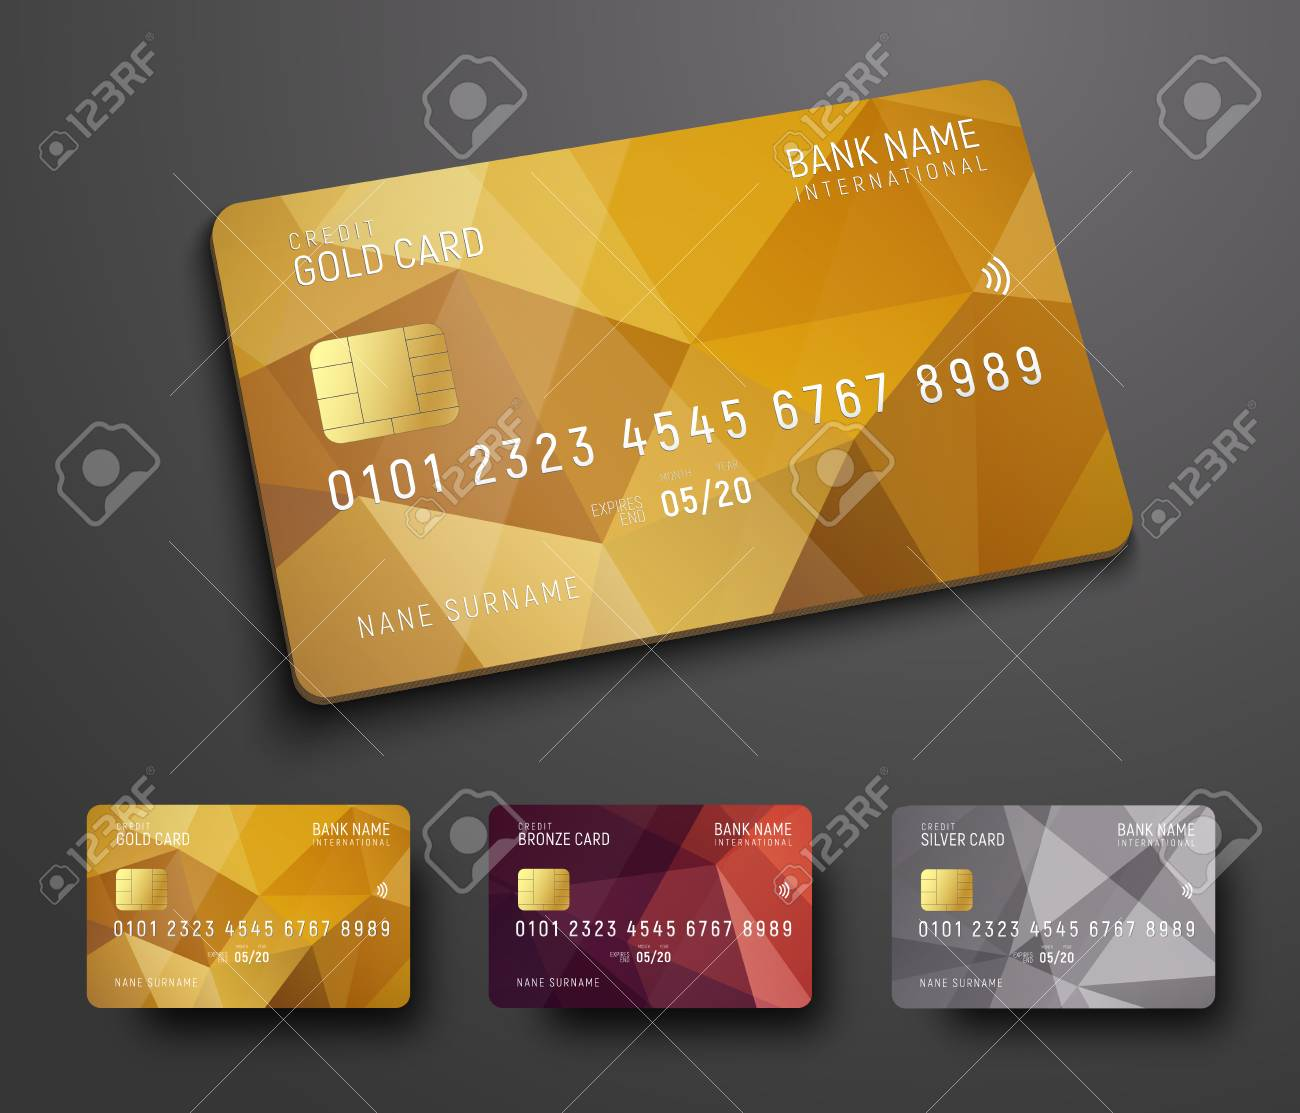 Carte Bancaire Or.Conception D Une Carte Bancaire De Credit Debit Avec Un Fond Abstrait Polygonal En Or Bronze Et Argent Modele Pour La Presentation Illustration